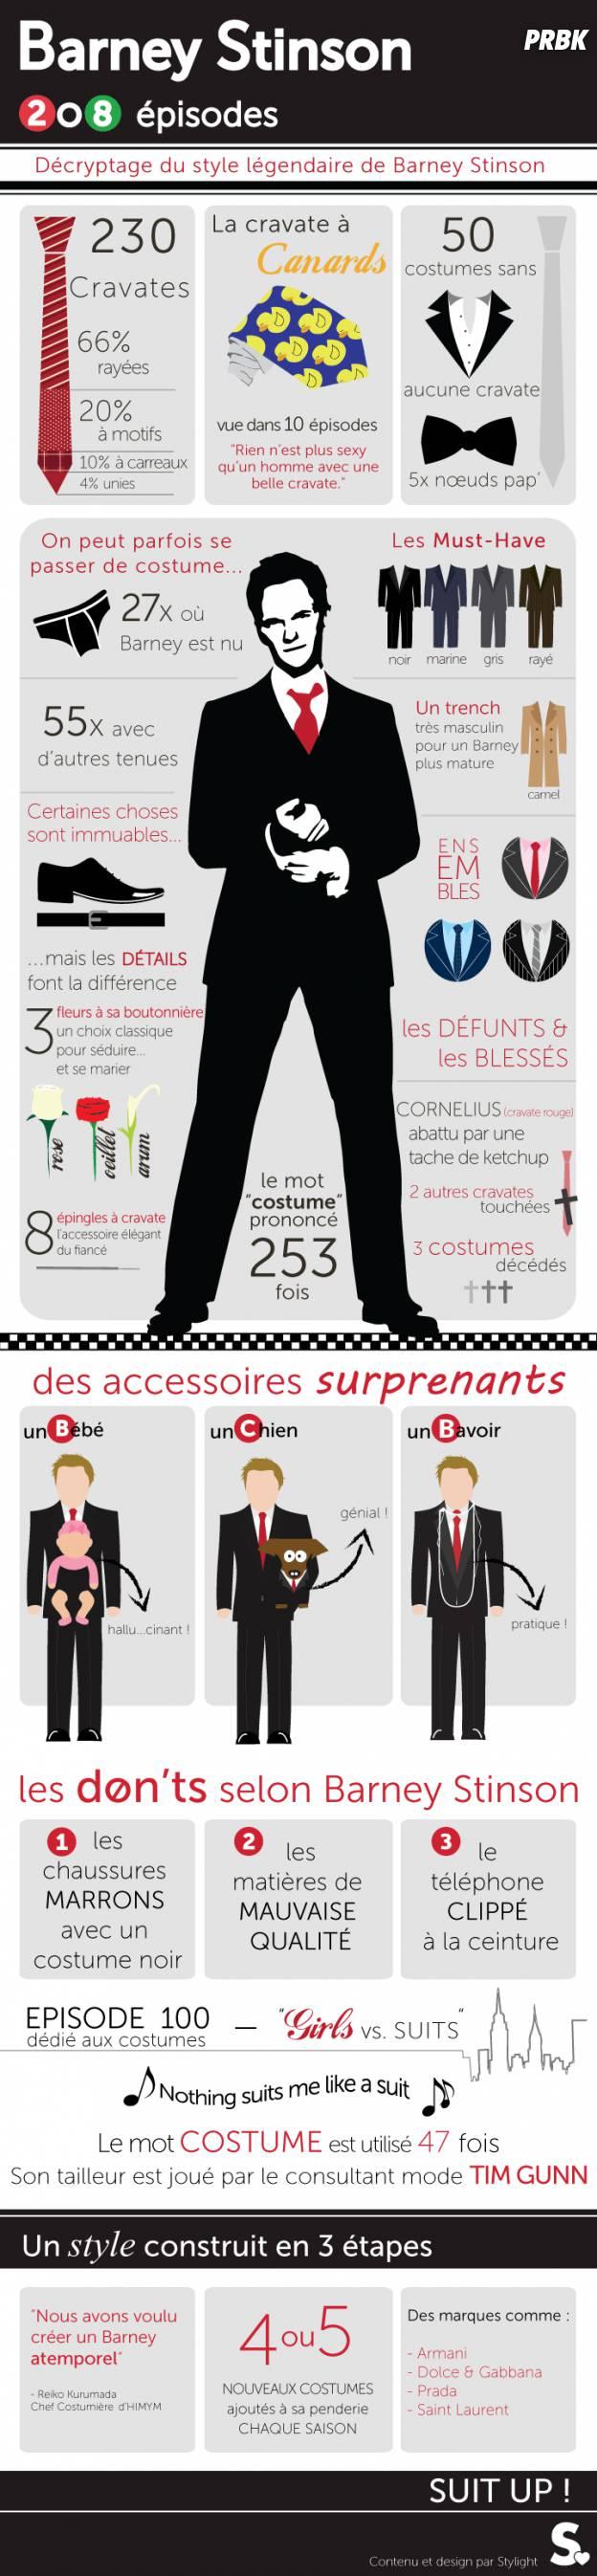 Une infographie sur Barney Stinson